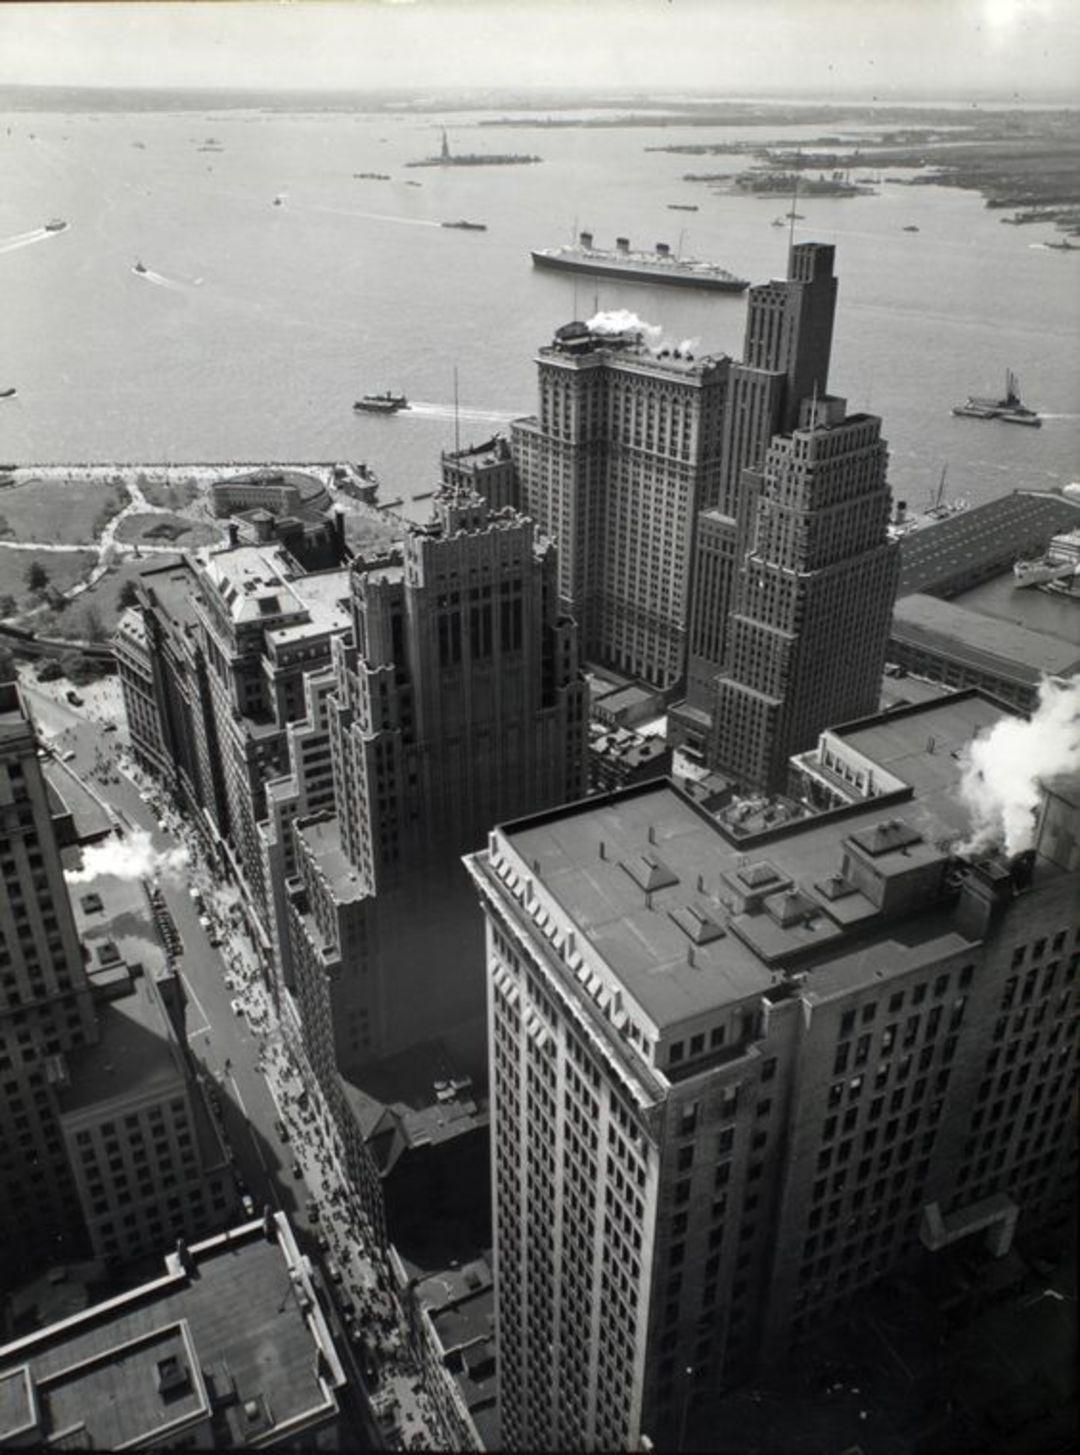 用老照片补全城市地图,纽约用众包的方法建立历史档案_设计_好奇心日报